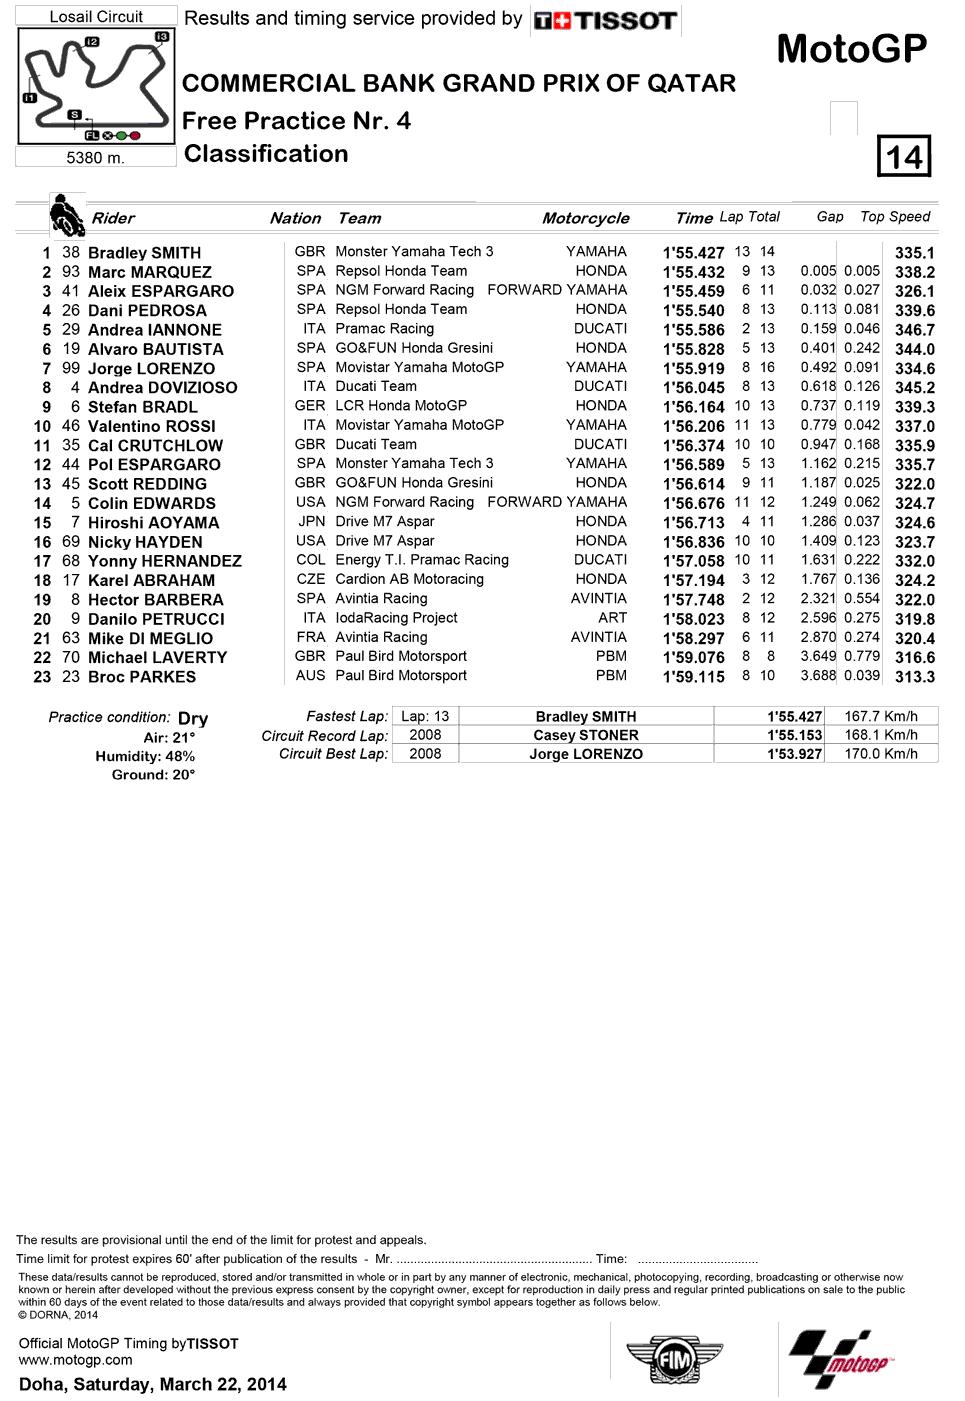 Результаты четвертой практики MotoGP Гран-При Катара 2014